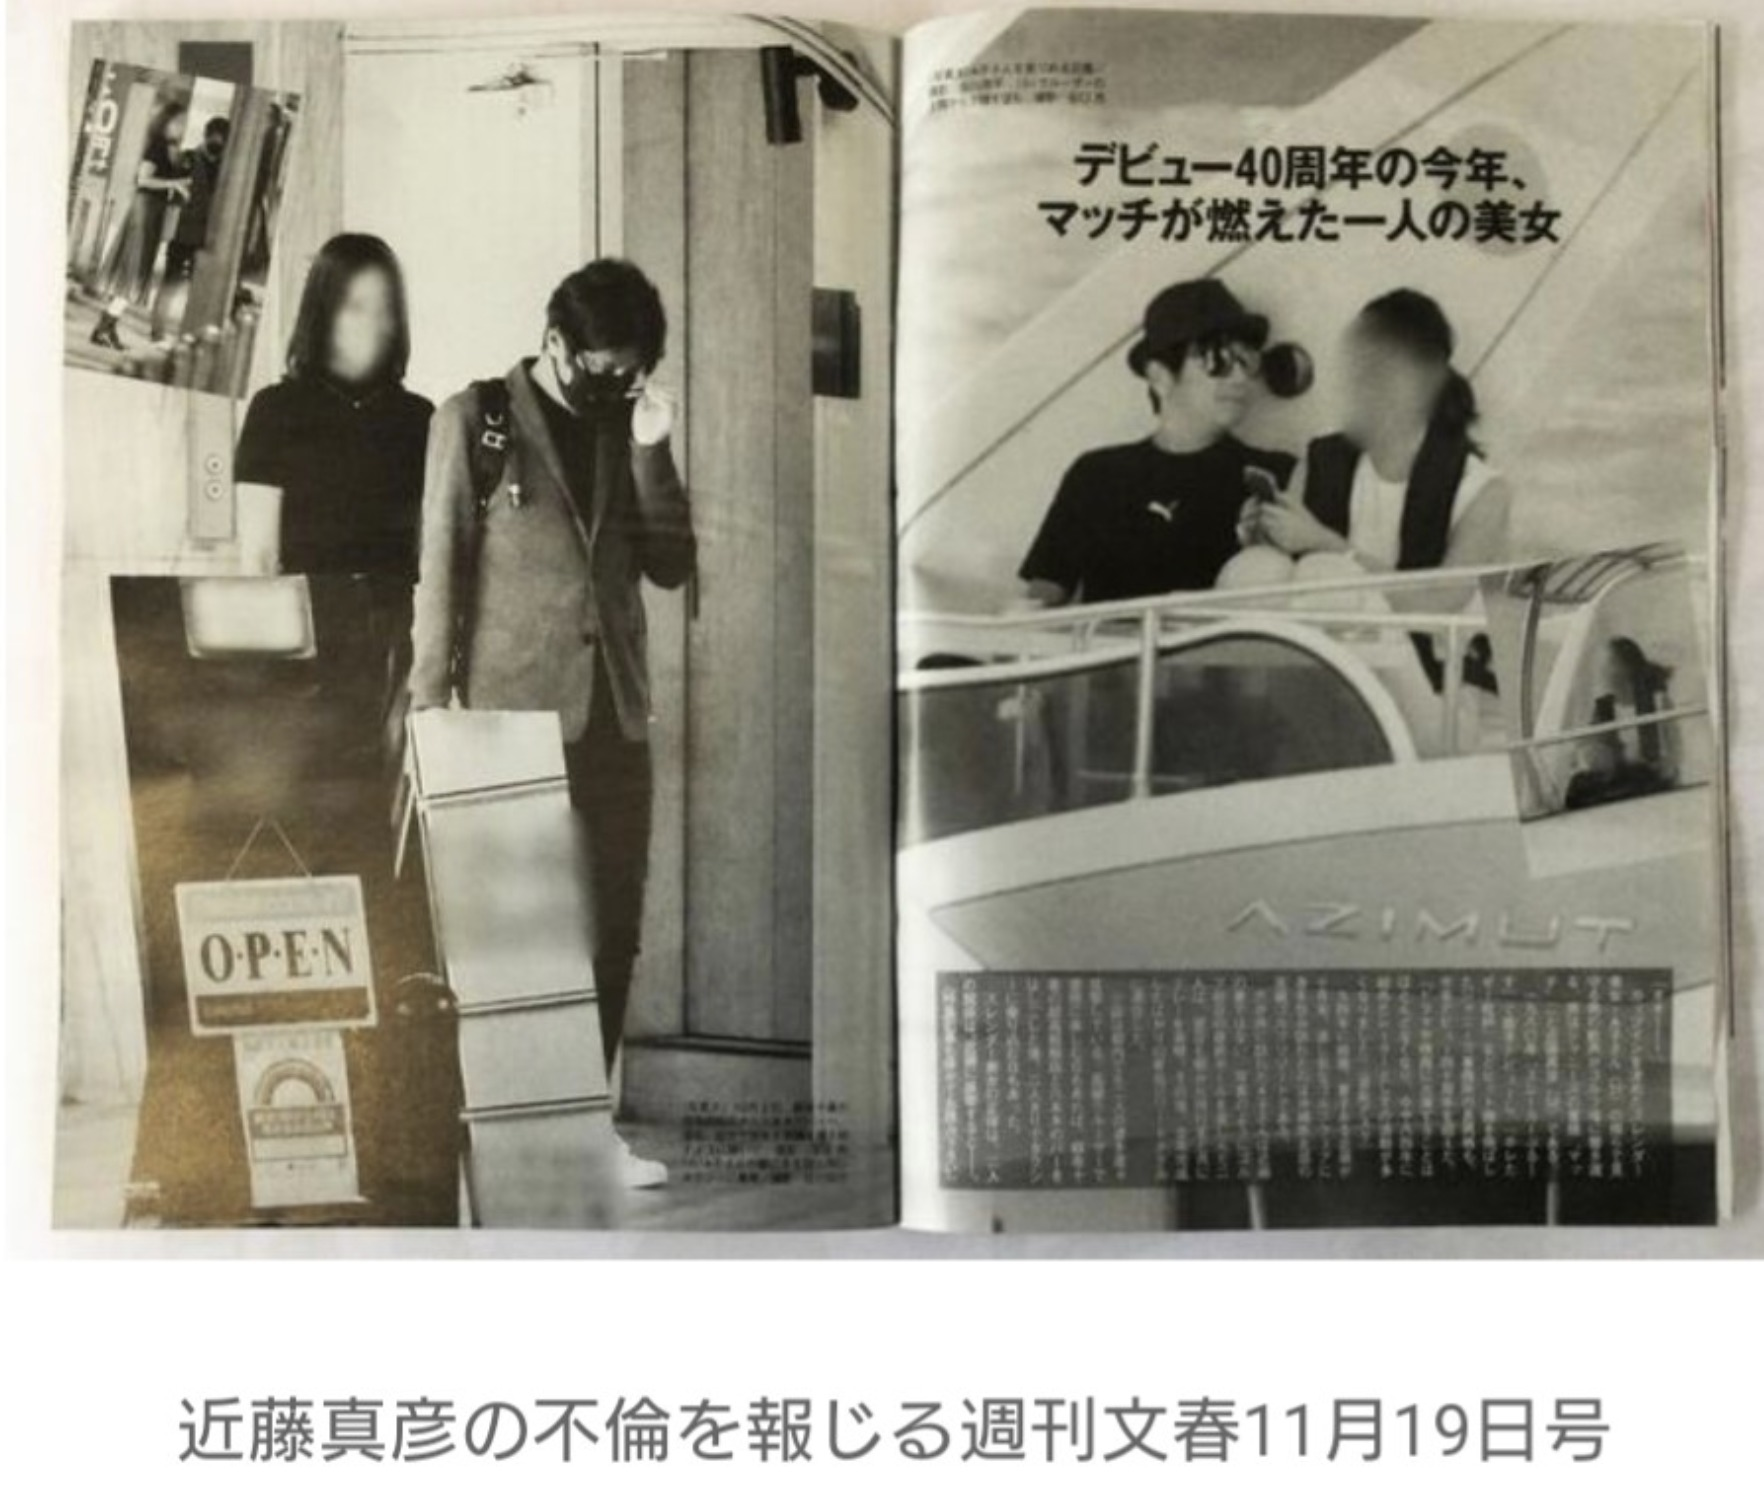 近藤真彦さんと不倫相手の画像